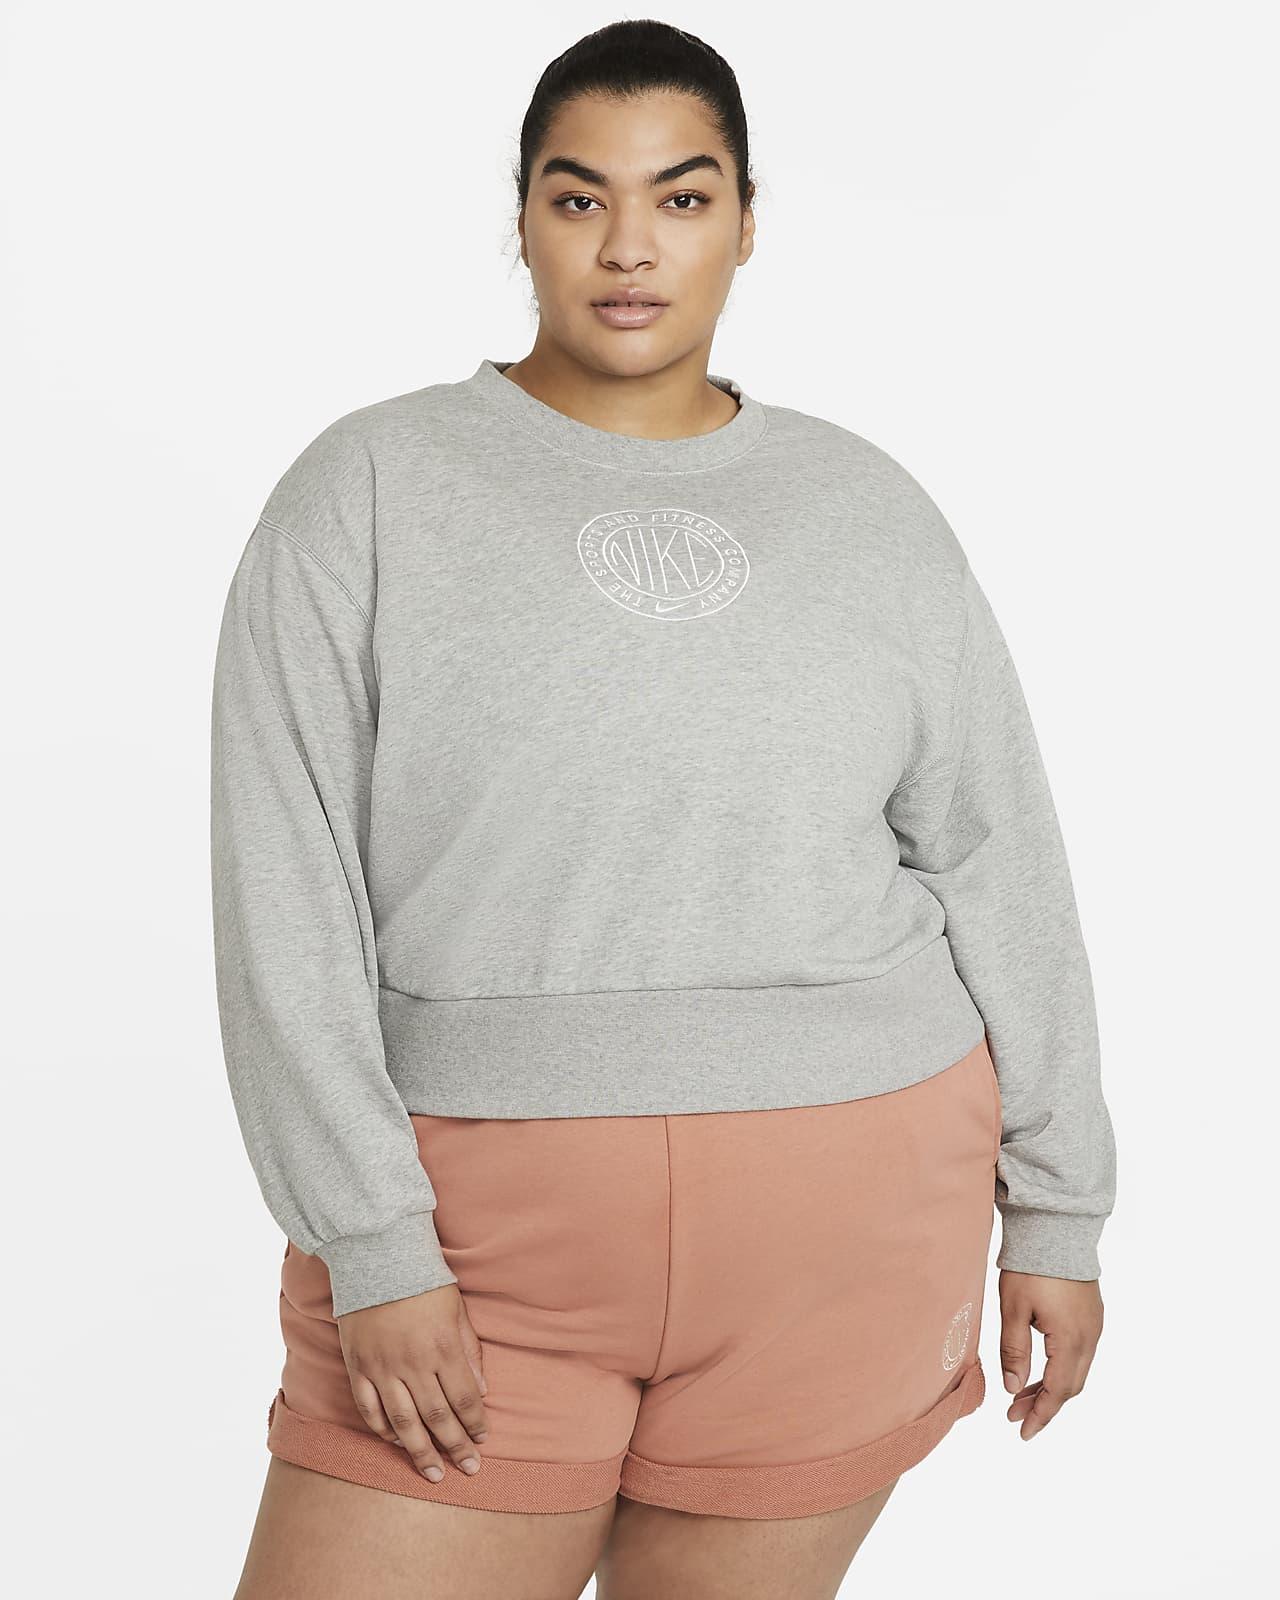 Sudadera con cuello redondo para mujer (talla grande) Nike Sportswear Femme